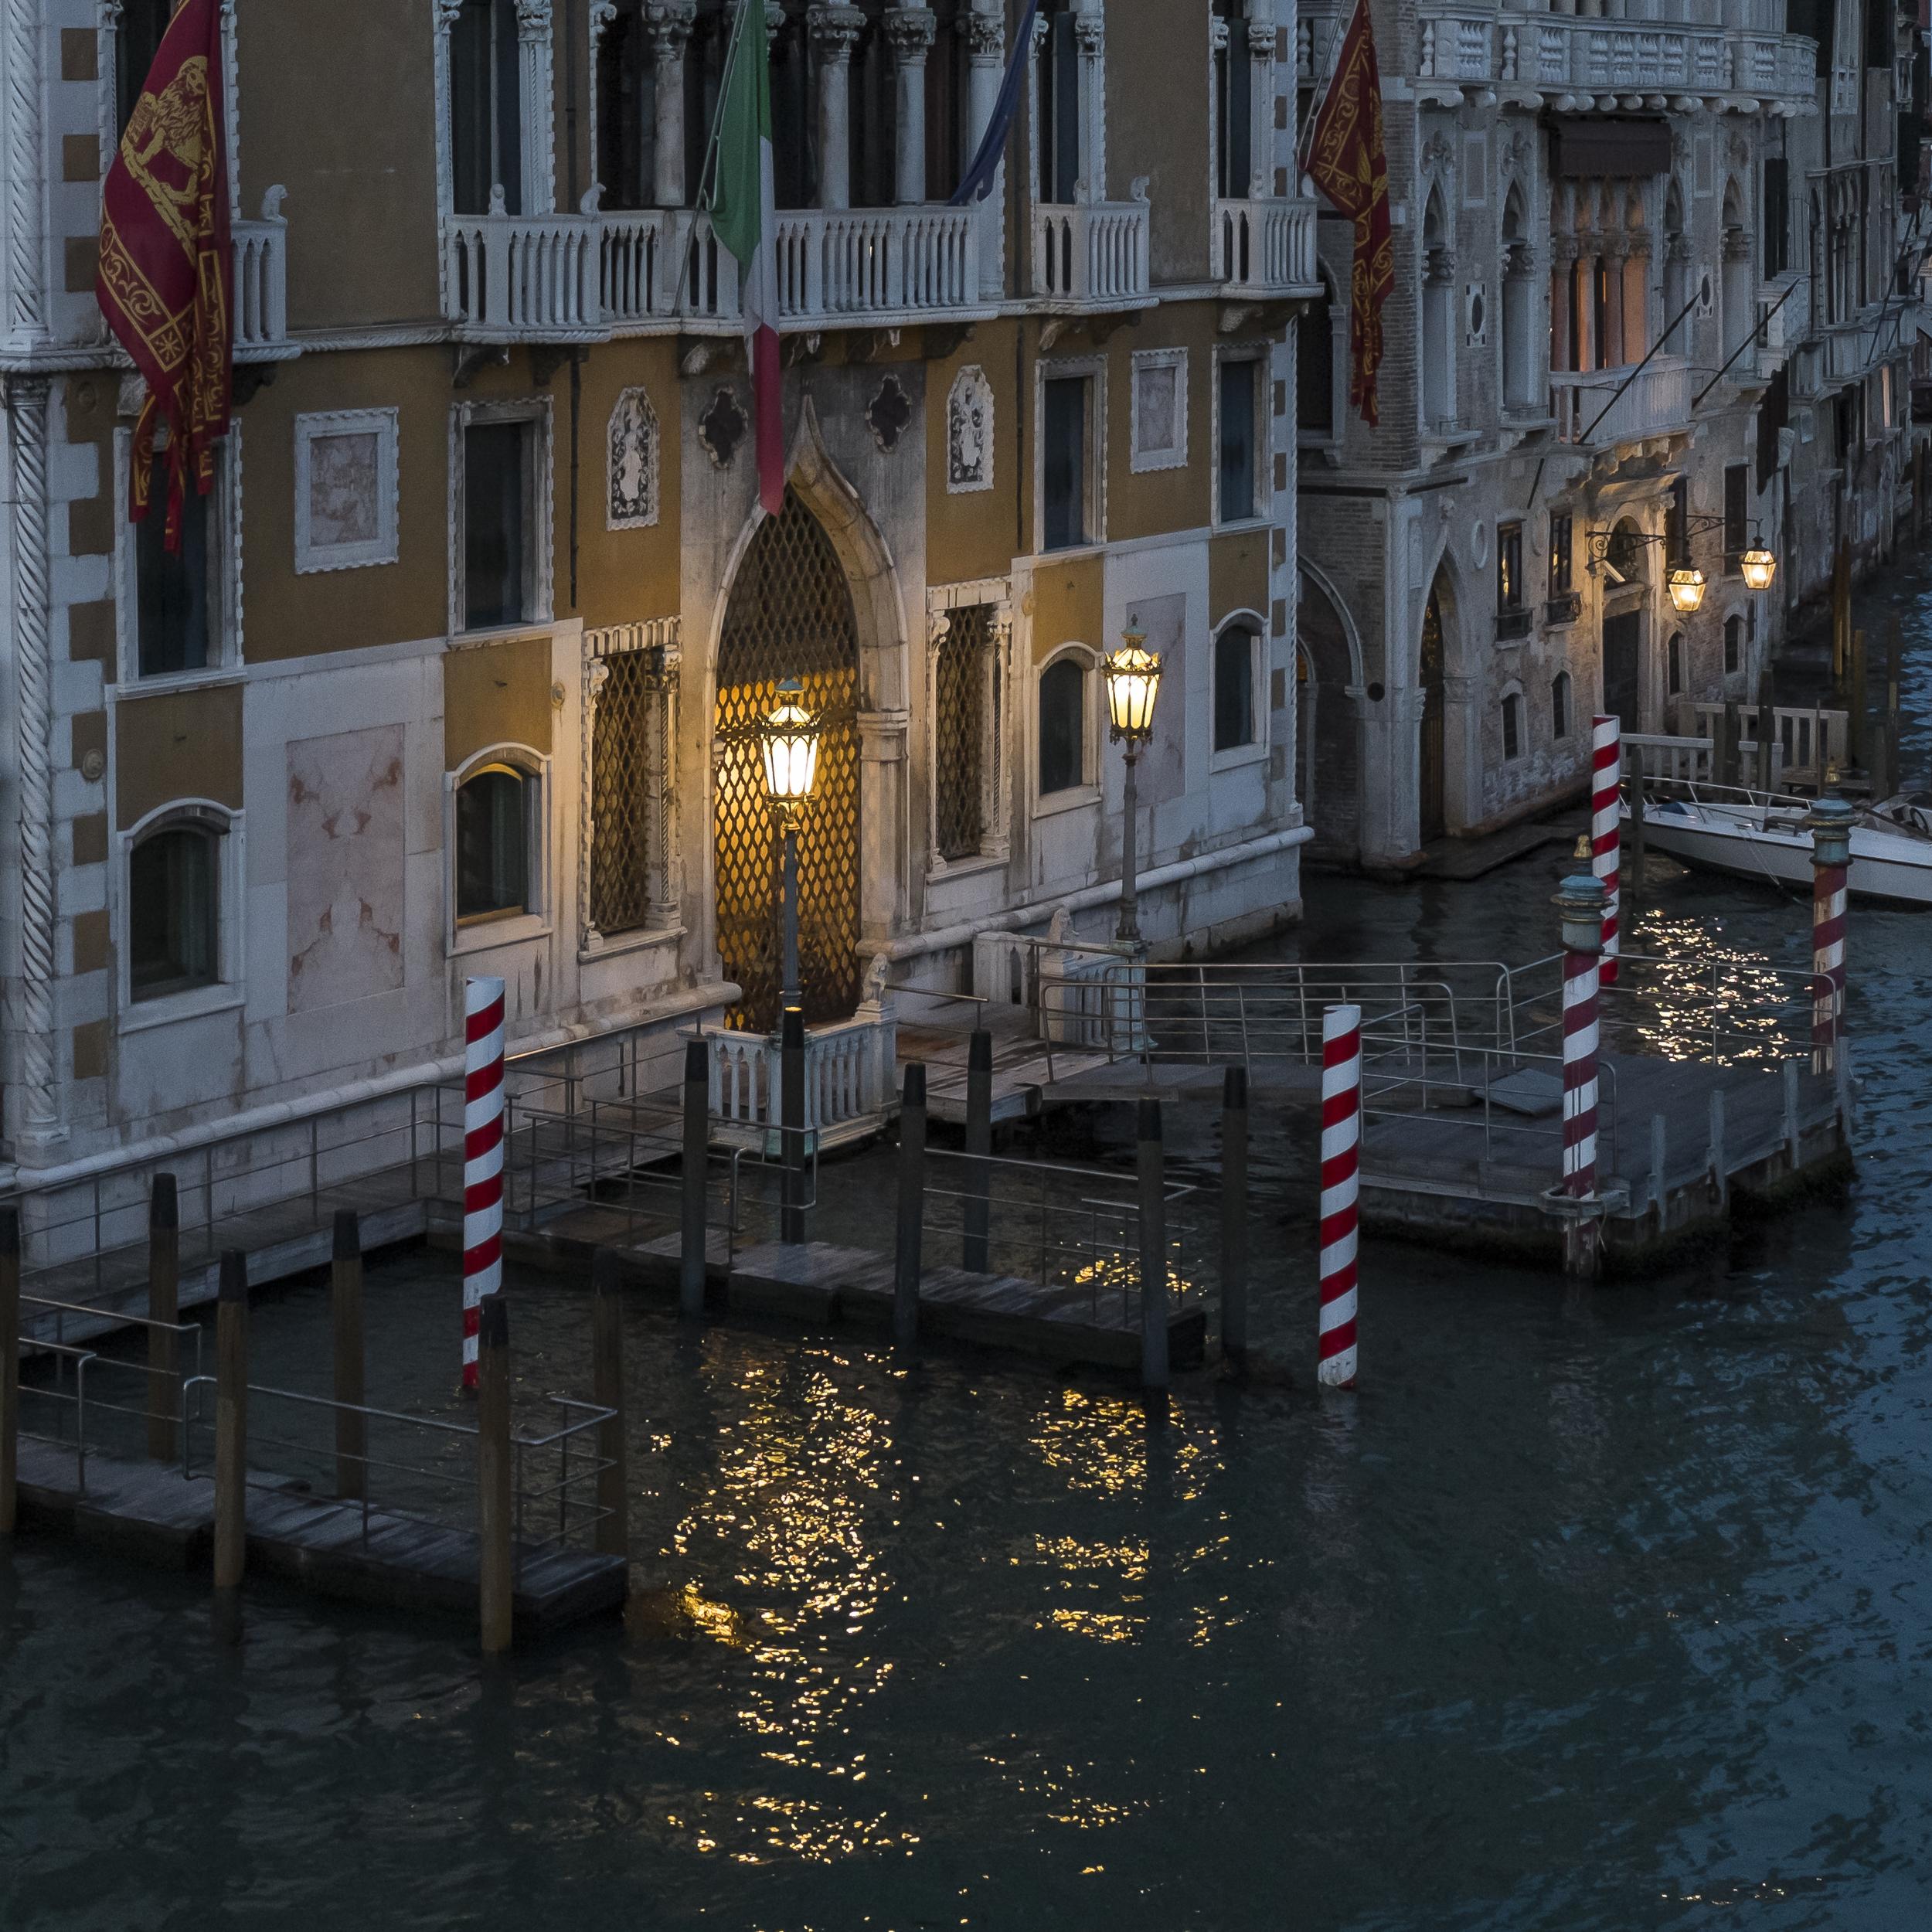 Venice-ScienceArtWater-20140525-DSCF6387.jpg